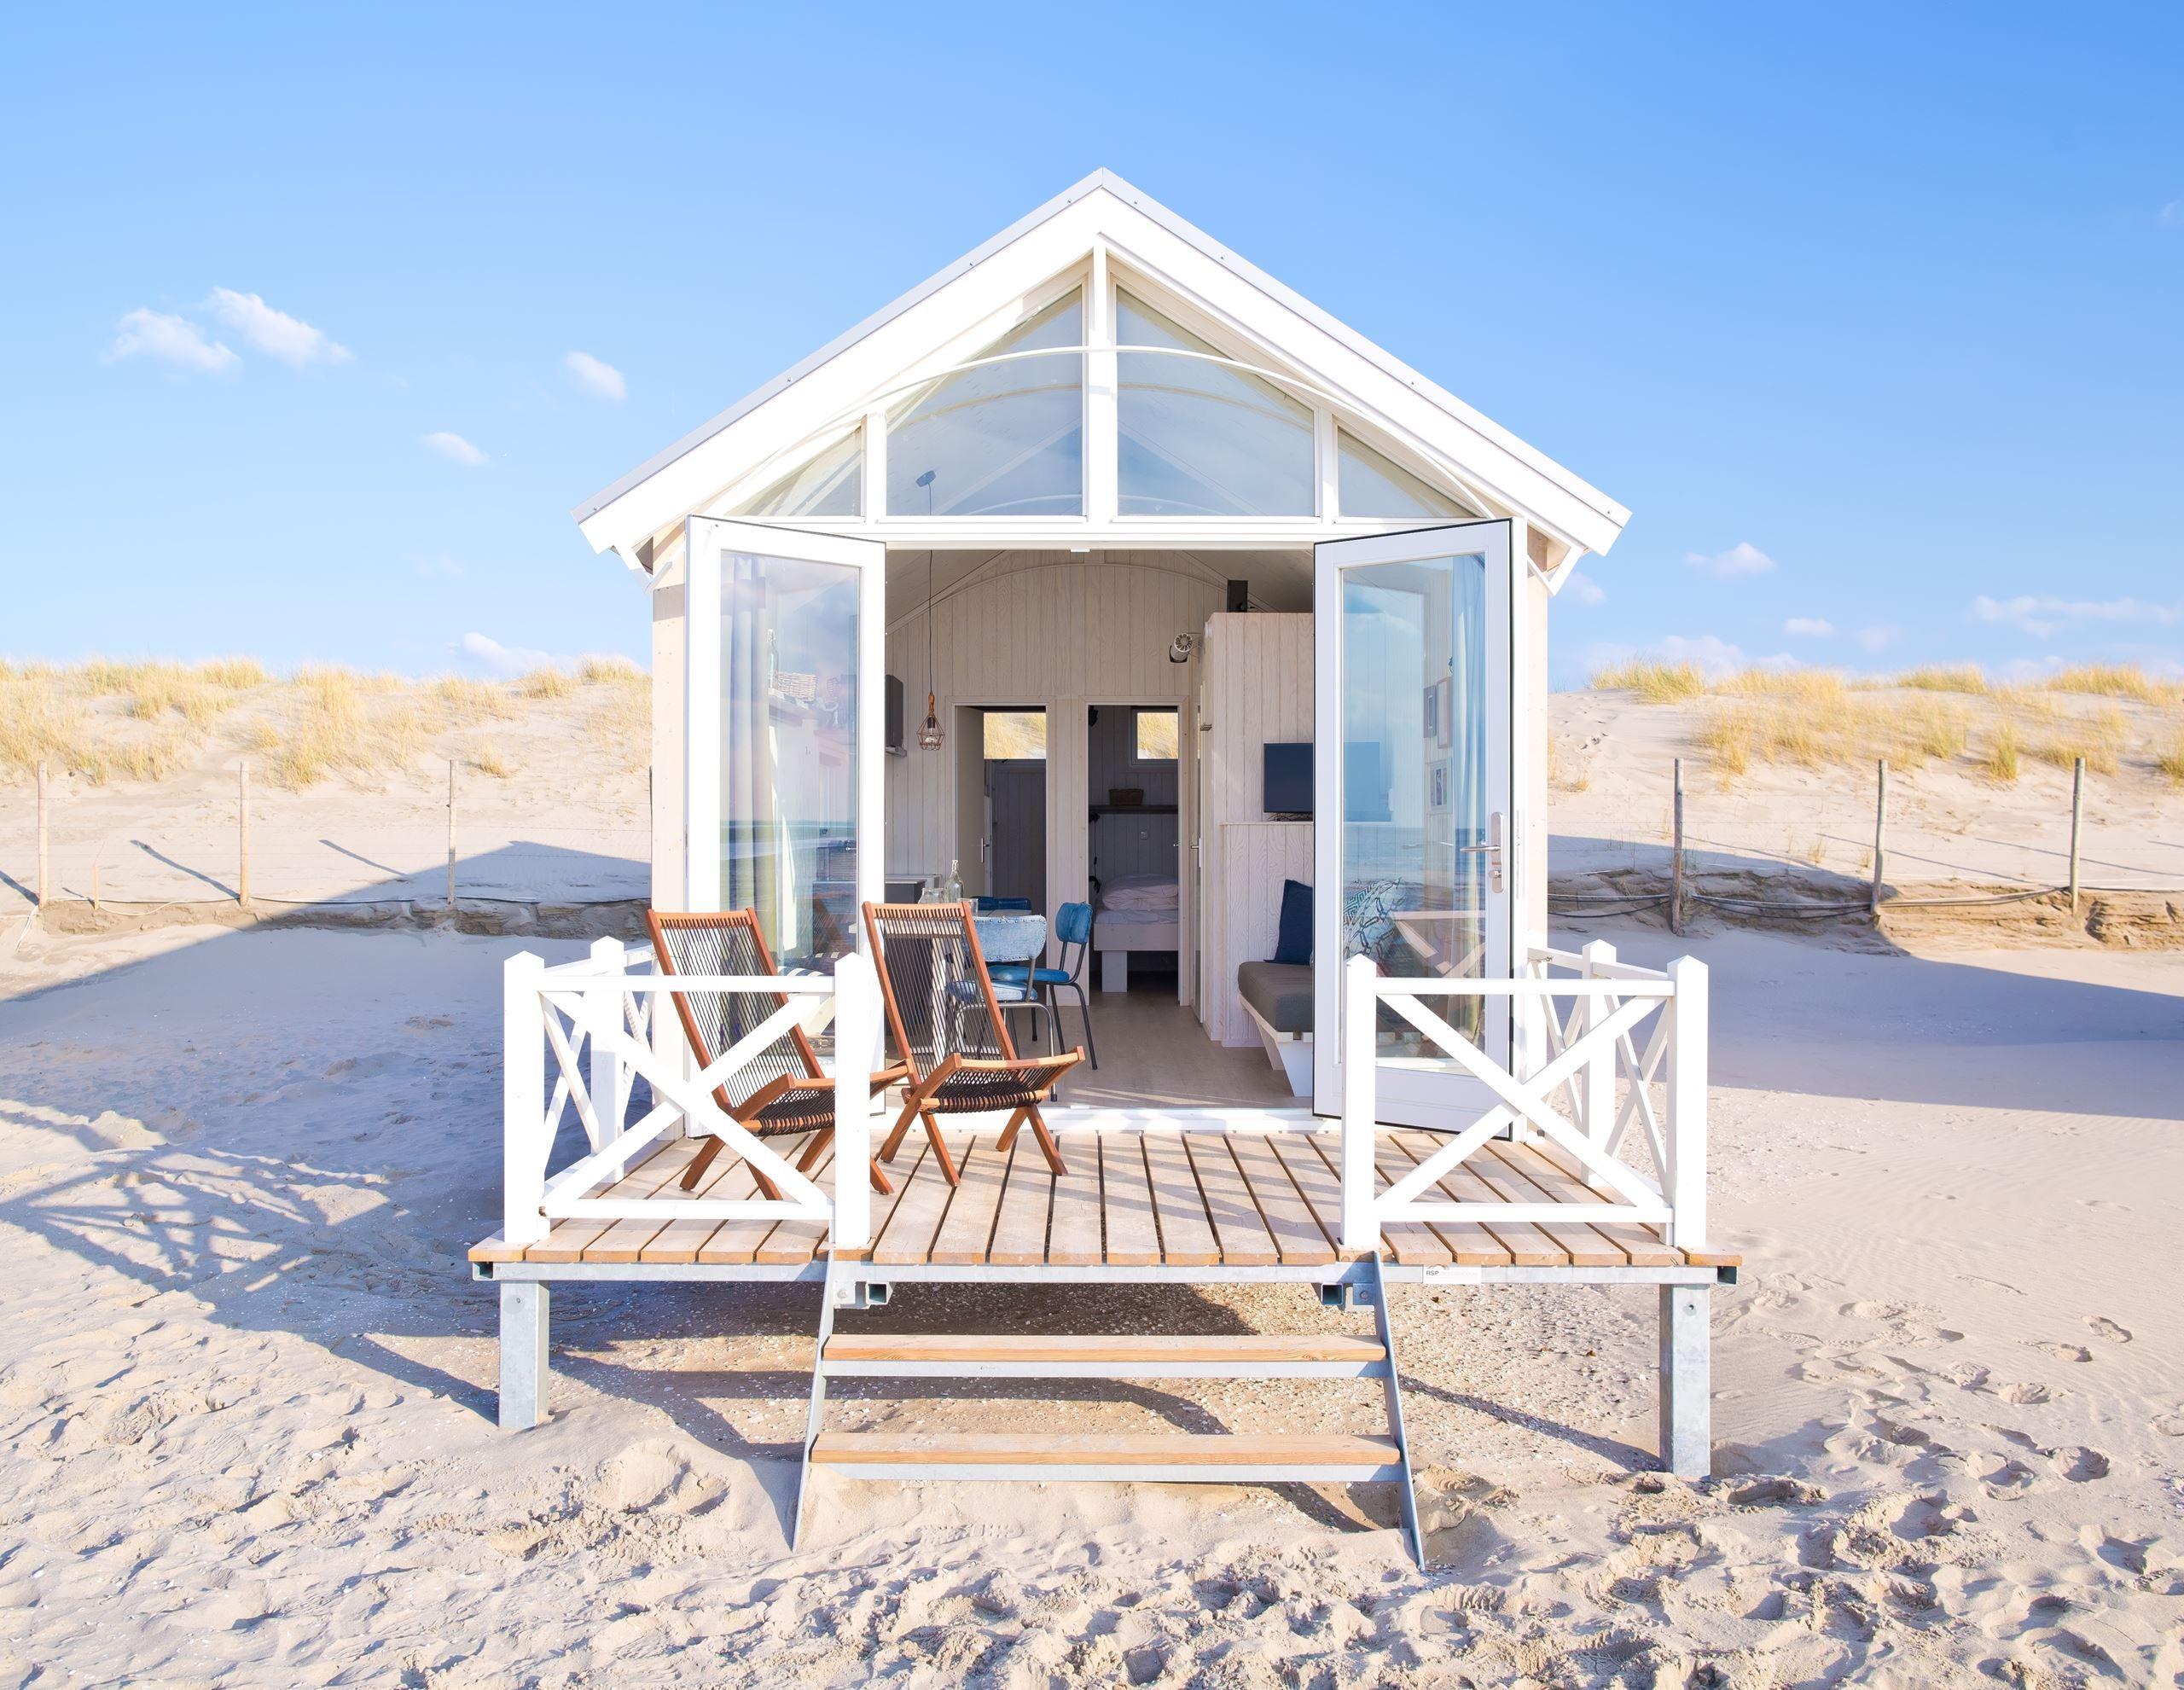 Strandhäuser Den Haag Strandhäuser, Strandhaus holland